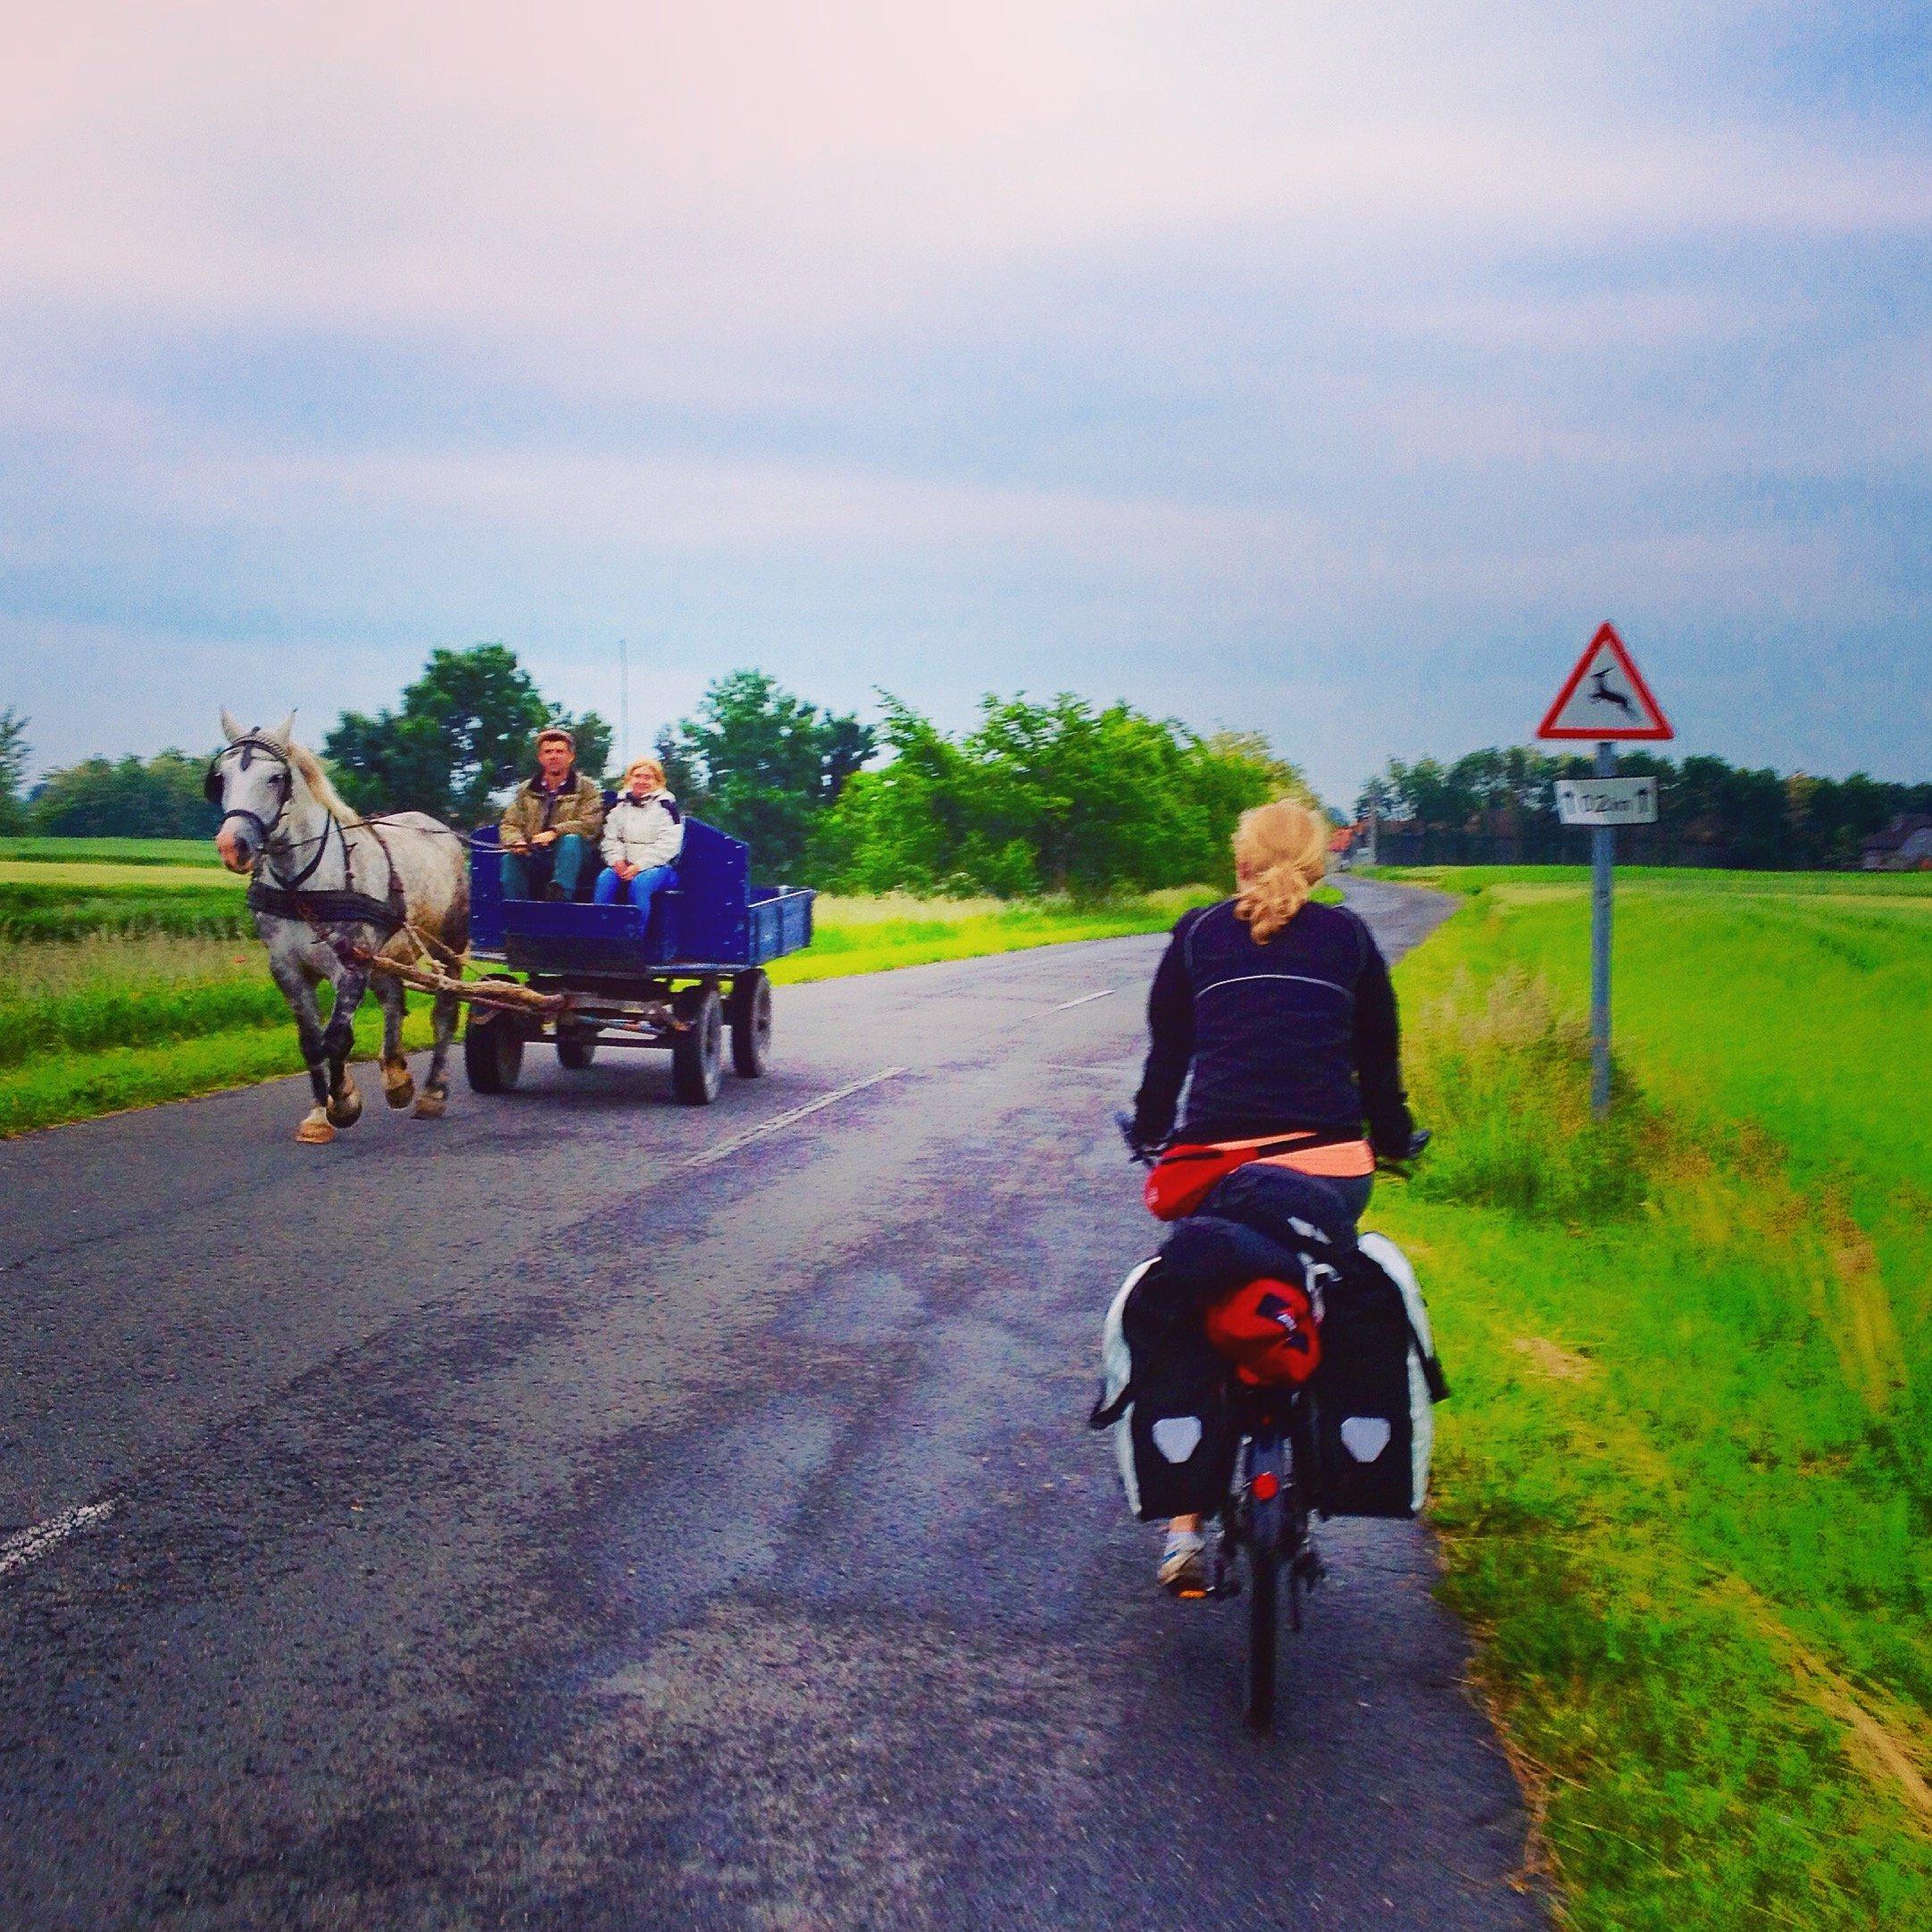 From Slovakia to Hungary - Border